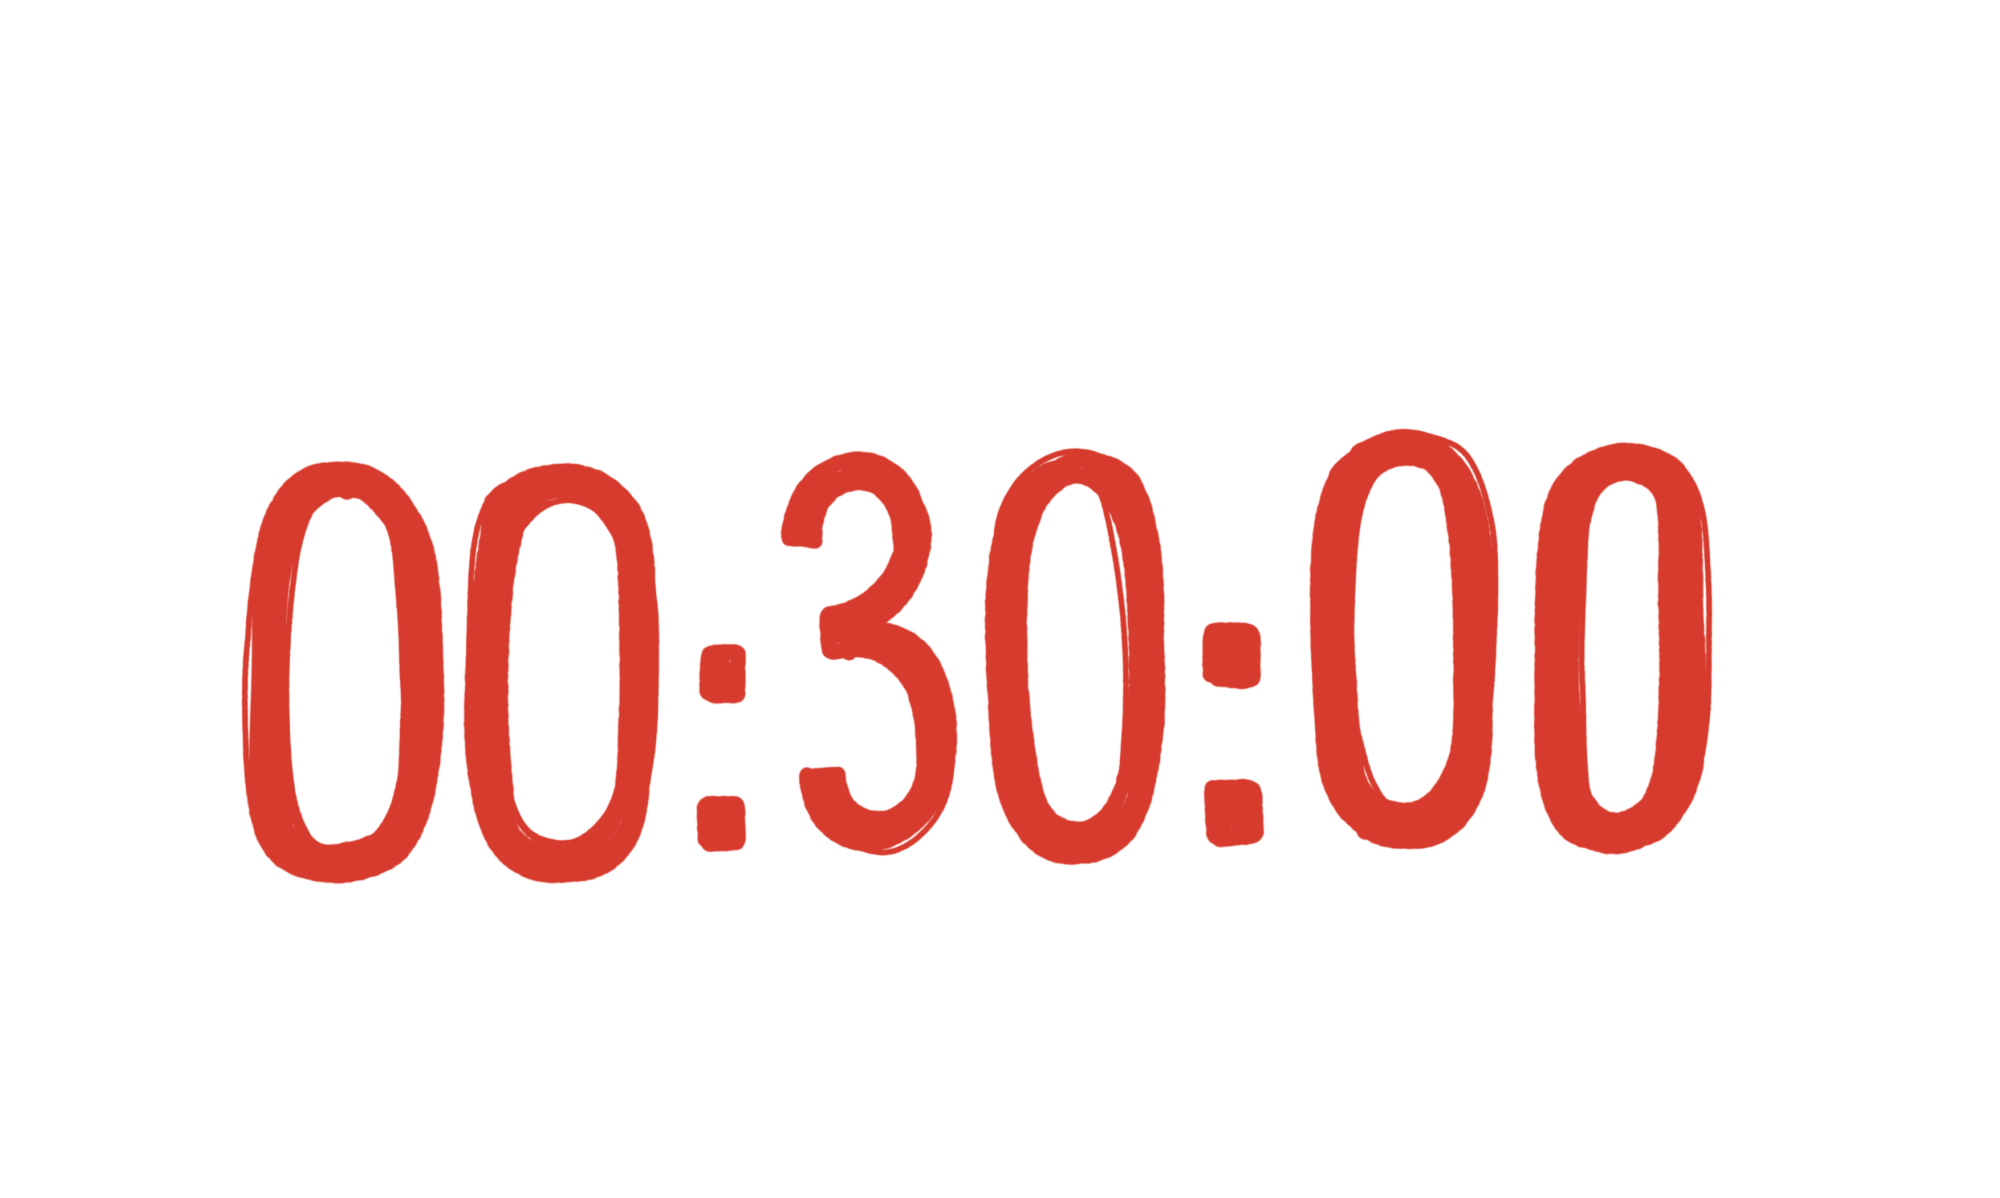 #nur30min - dann ist aber Schluß!